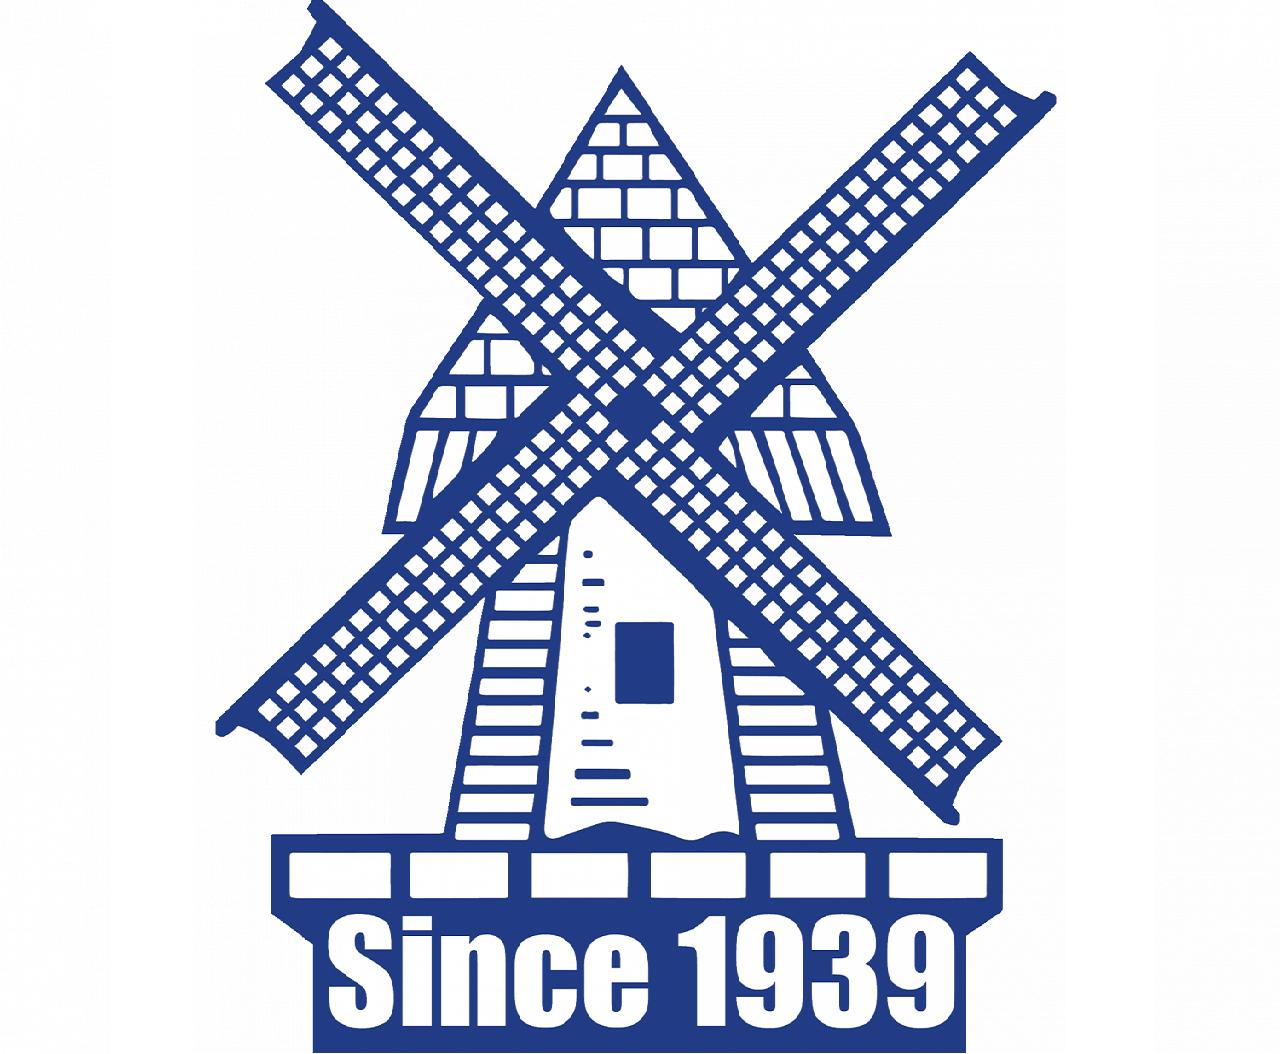 340600 [ 1280 x 956 Pixel ]